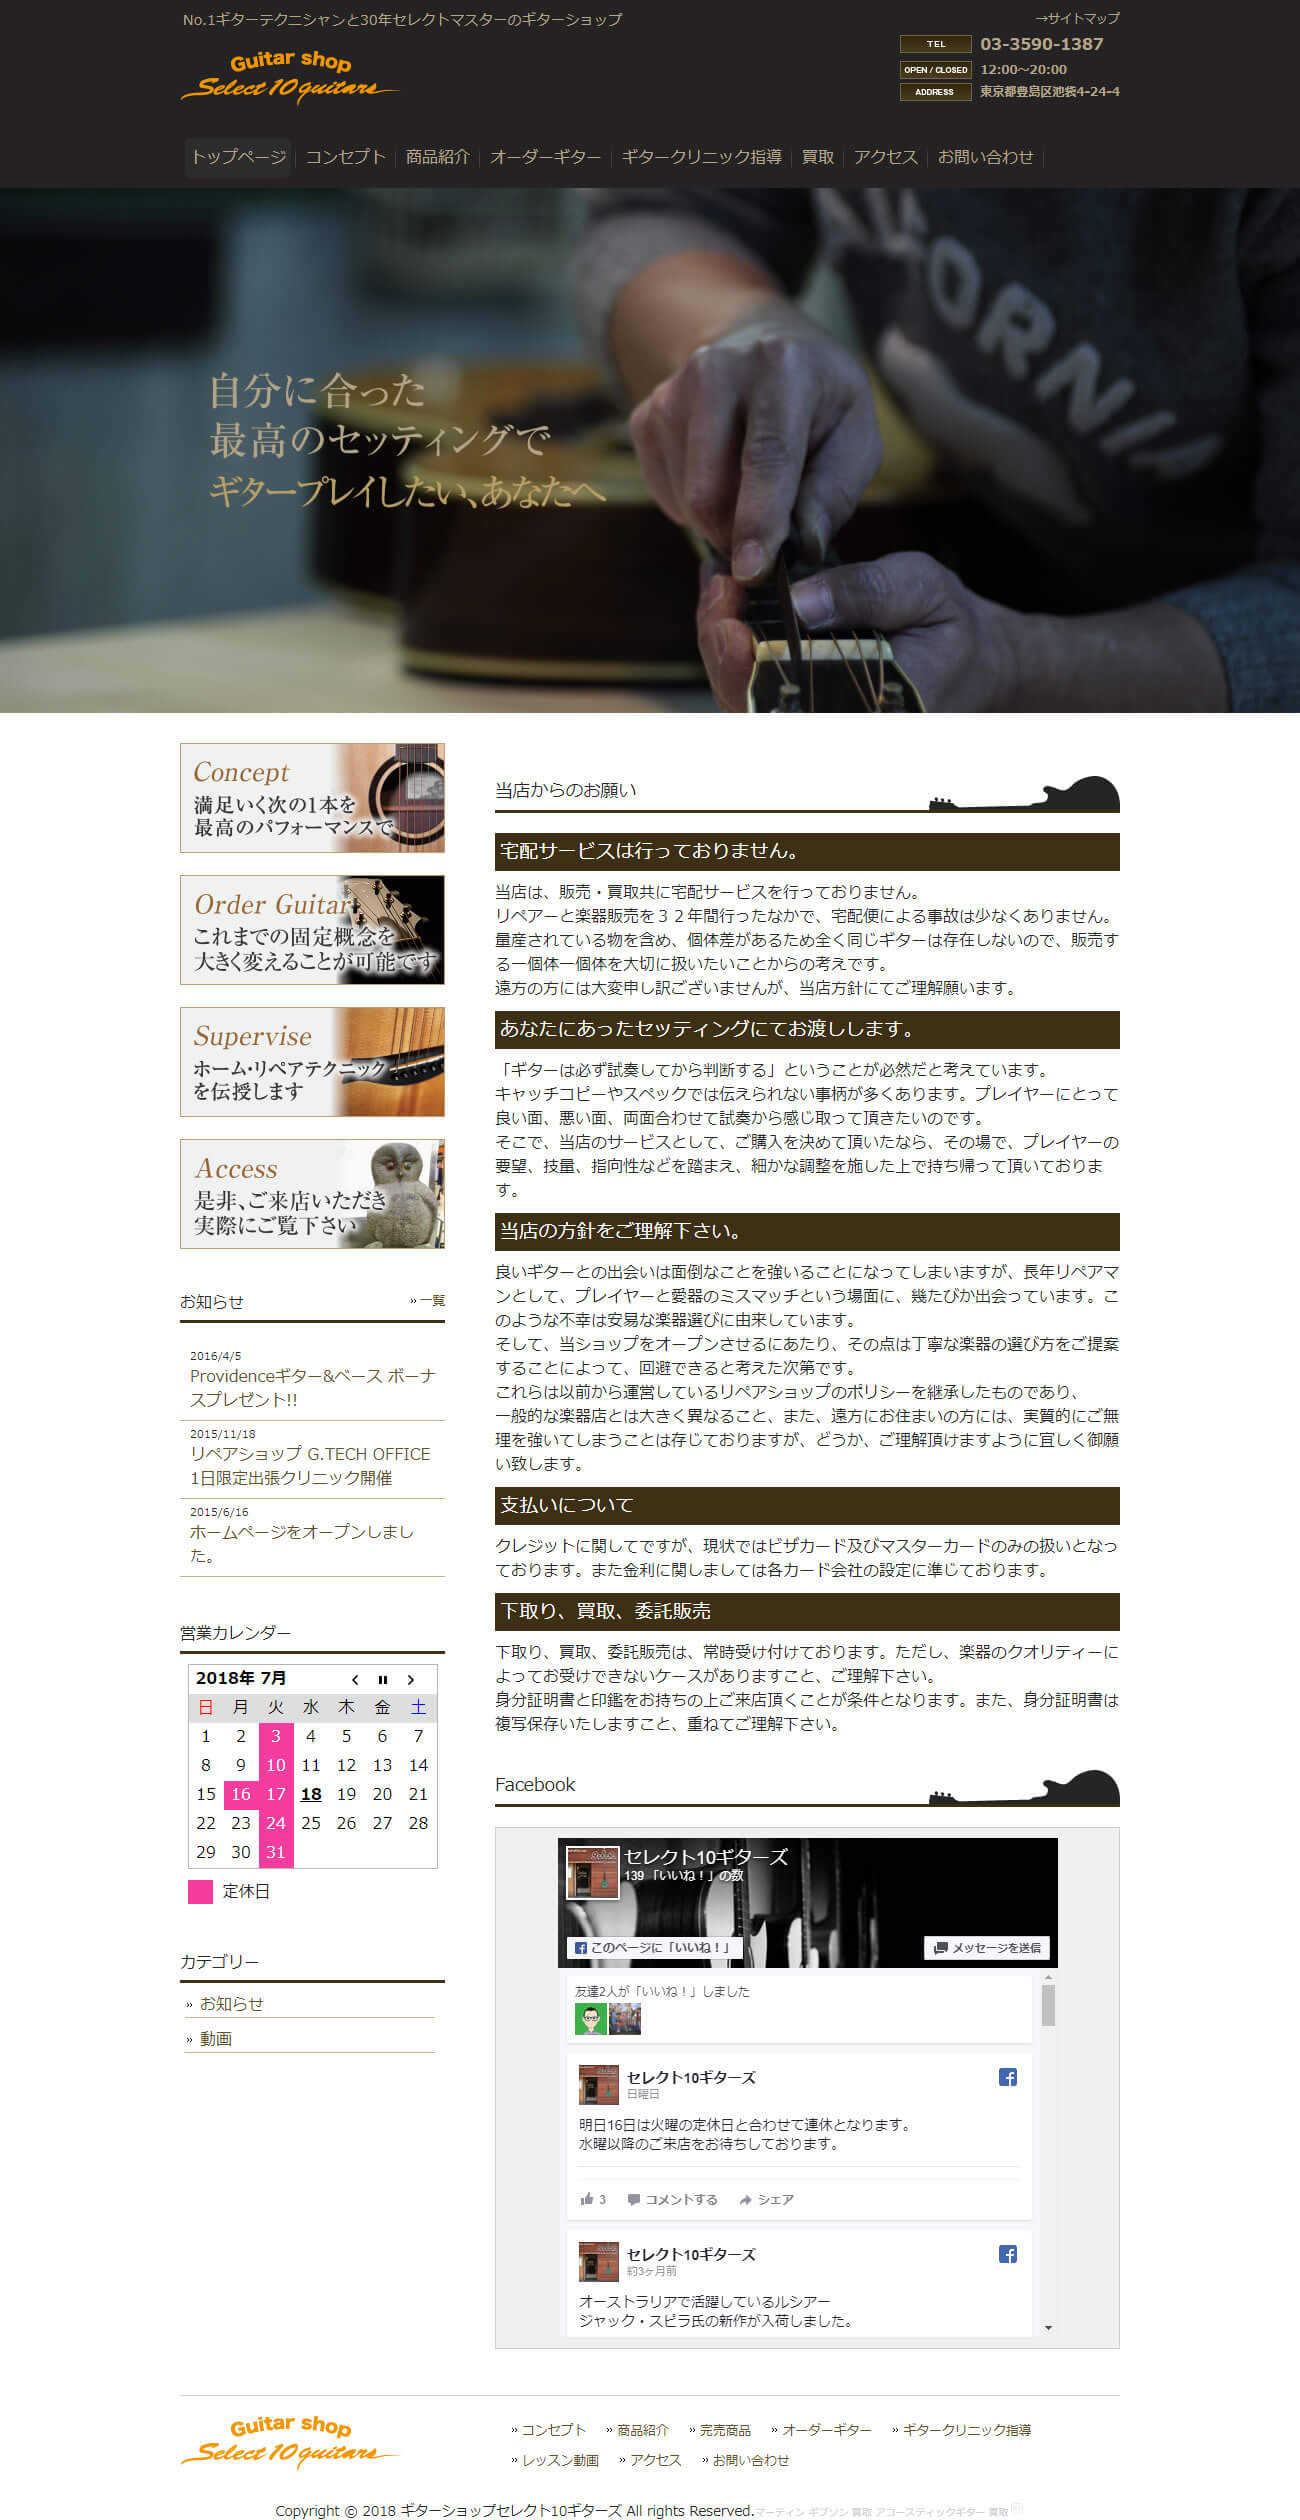 東京都 セレクト10ギターズ様 ホームページ制作1